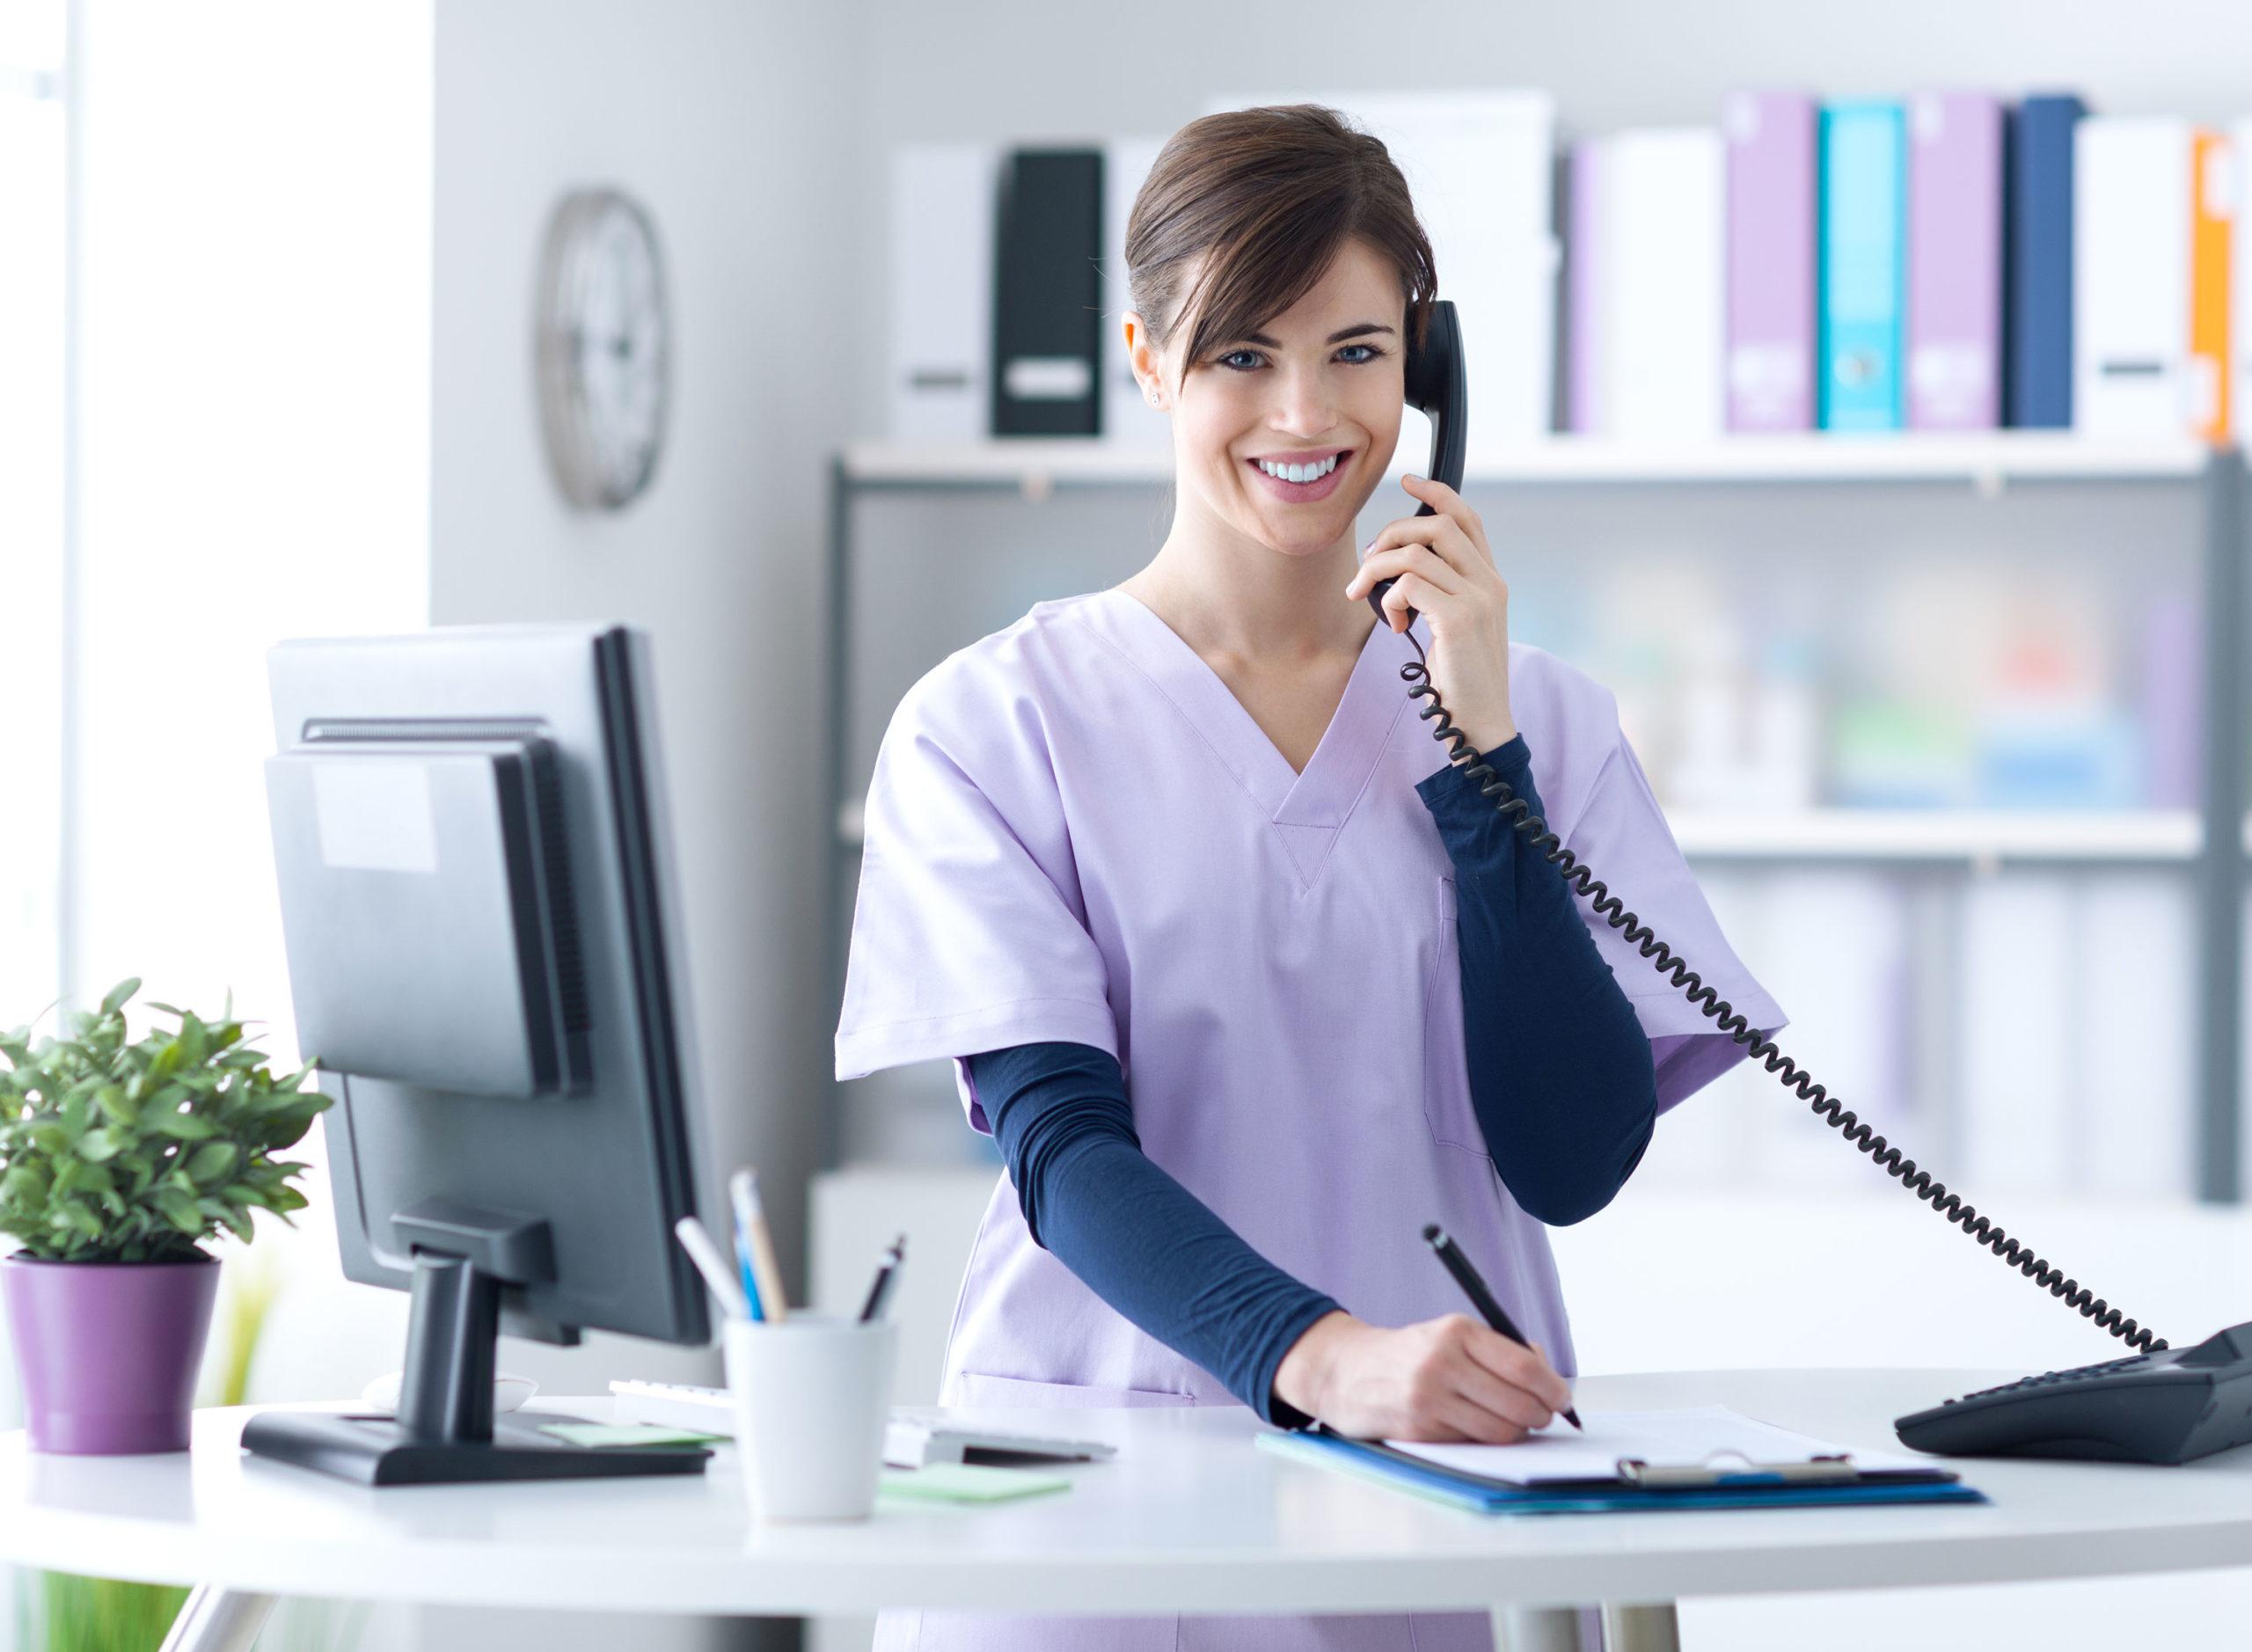 accueil médical2